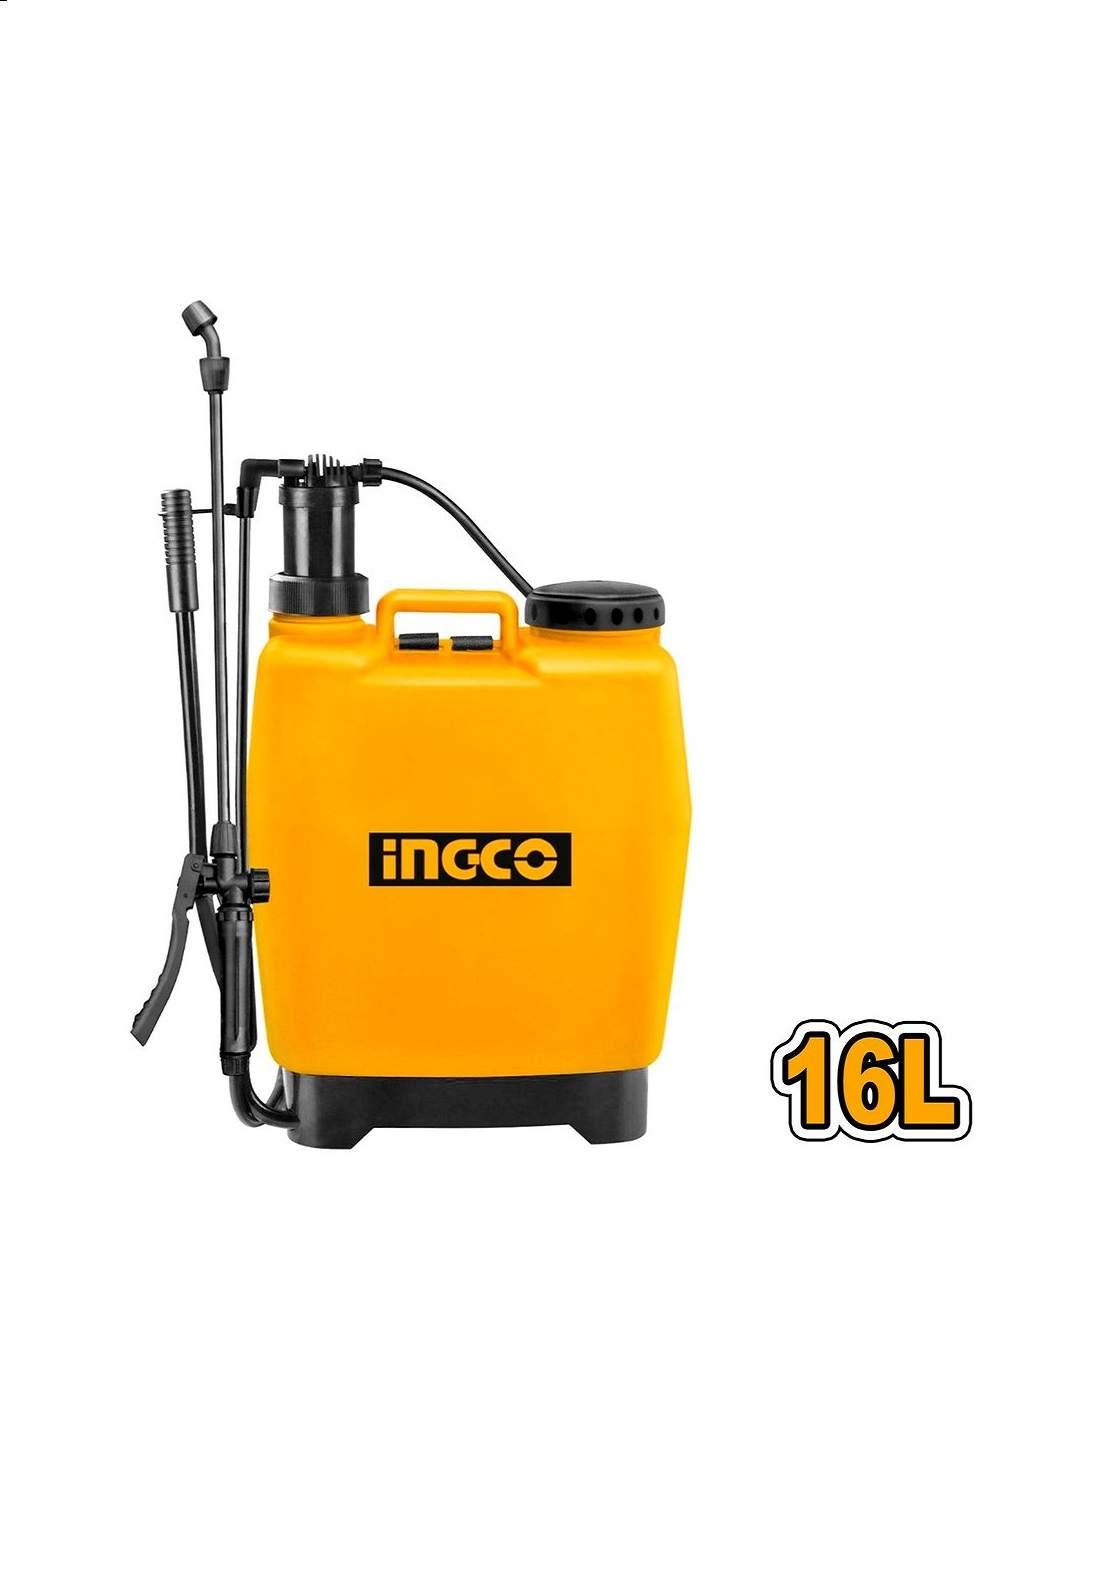 INGCO HSPP4161 Manual Knapsack Sprayer 16L مرشة مبيدات زراعية